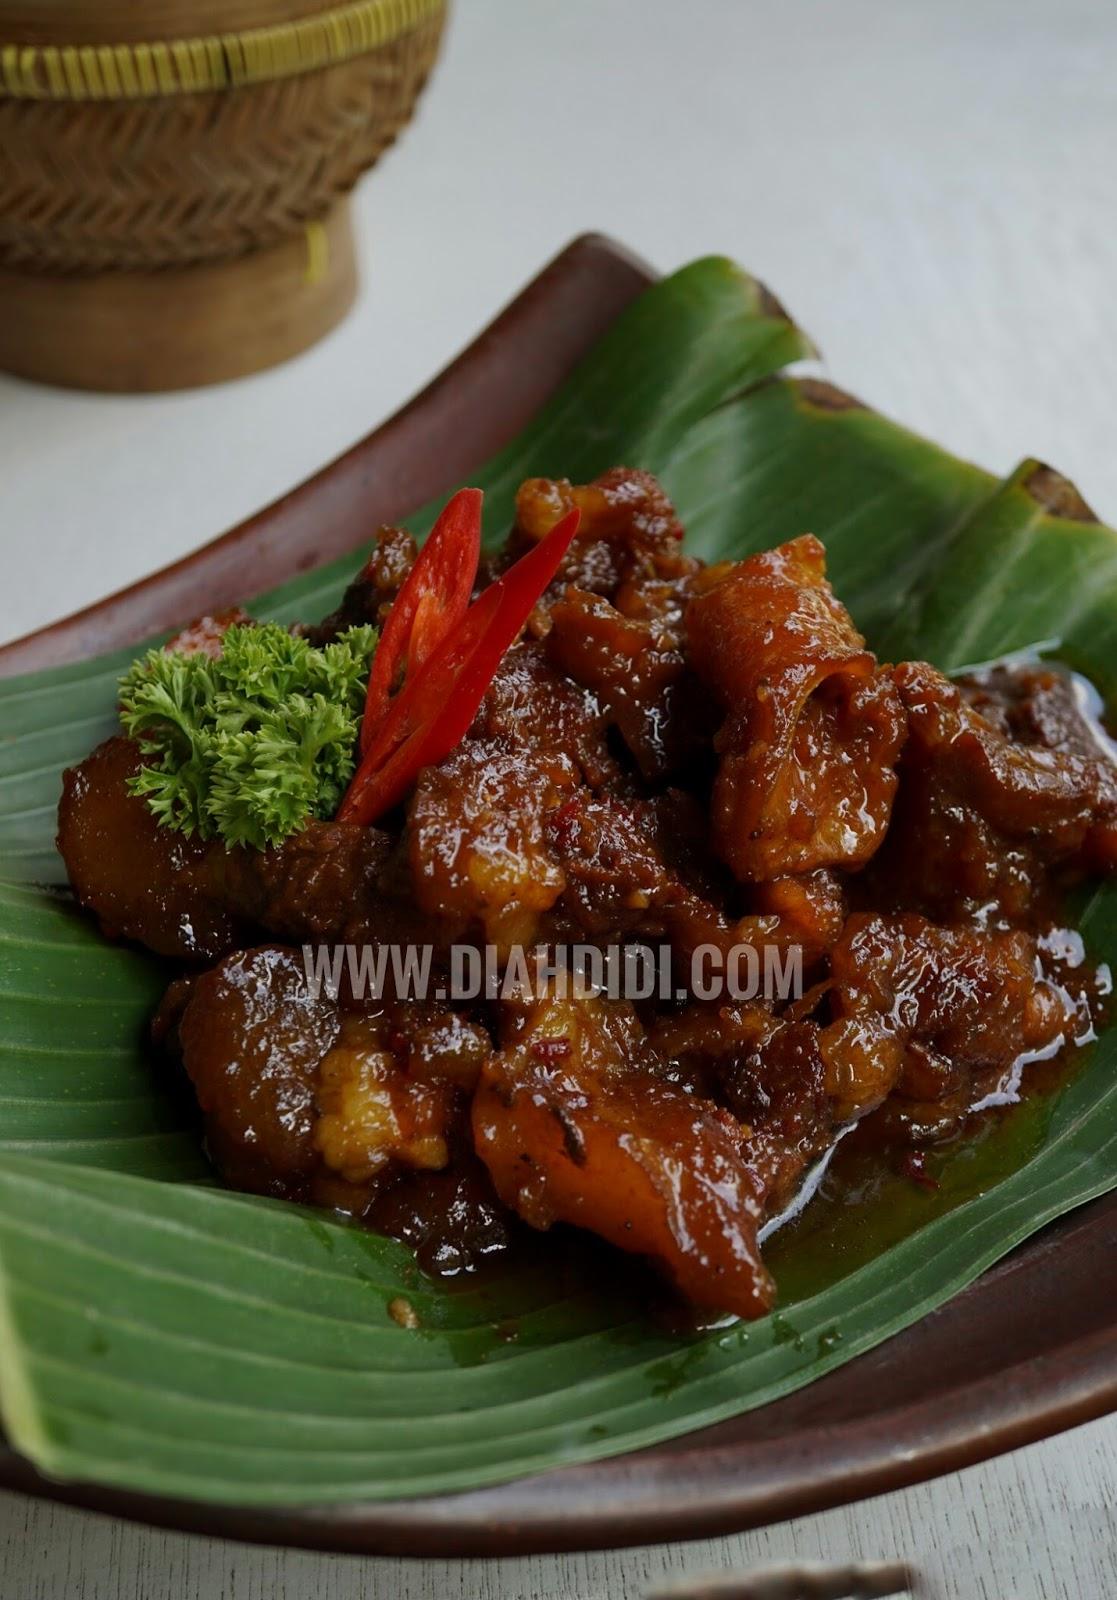 Resep Krengsengan Daging : resep, krengsengan, daging, Didi's, Kitchen:, Krengsengan, Daging, Timur